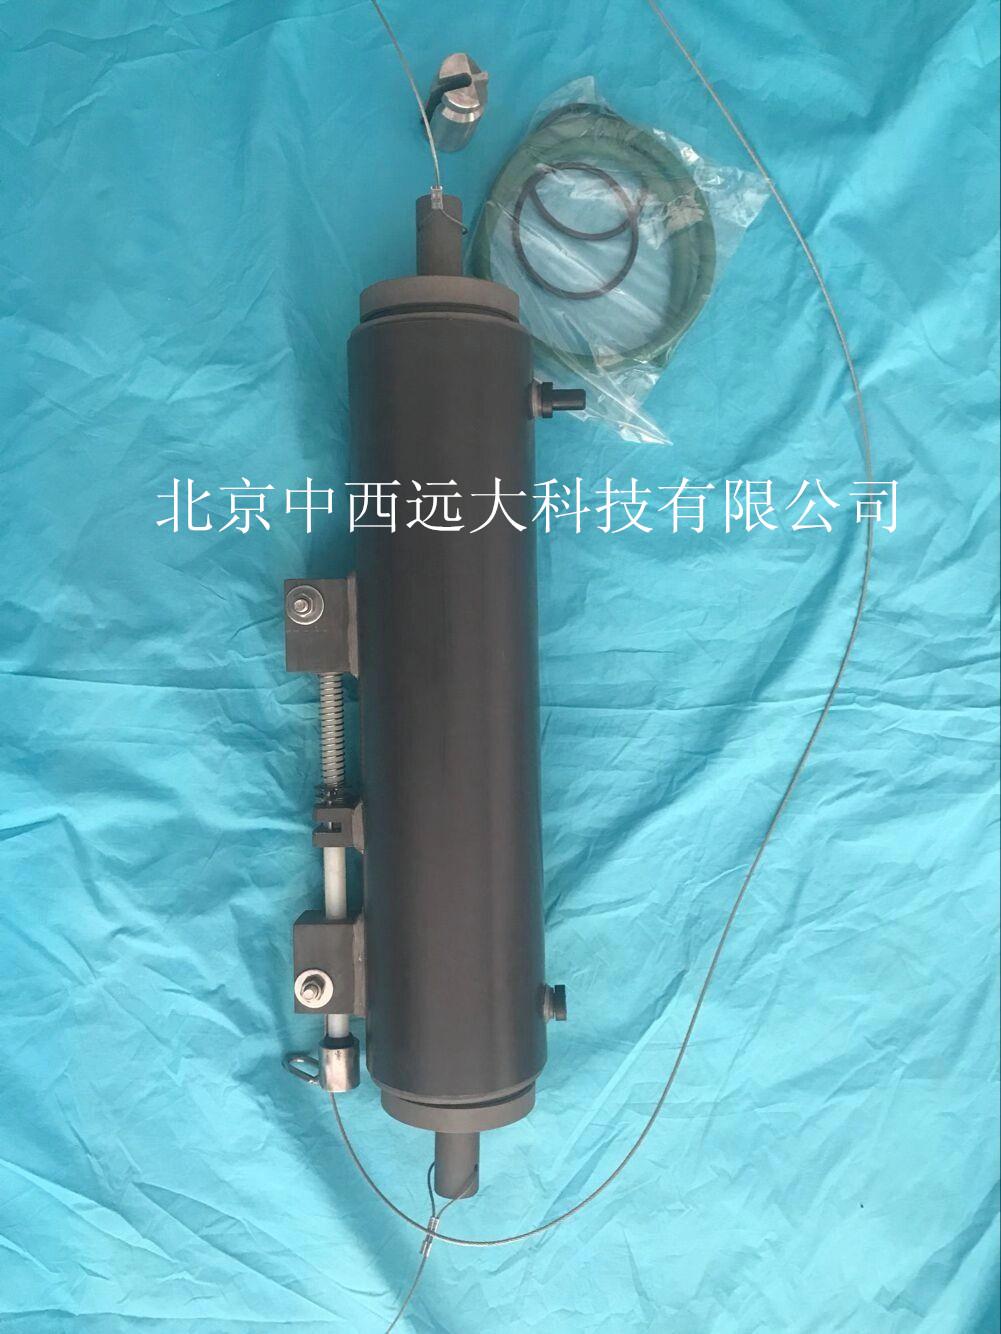 卡蓋式采水器/卡蓋式深水采水器/橫式采水器 5L 中西器材KH055-QCC15-5